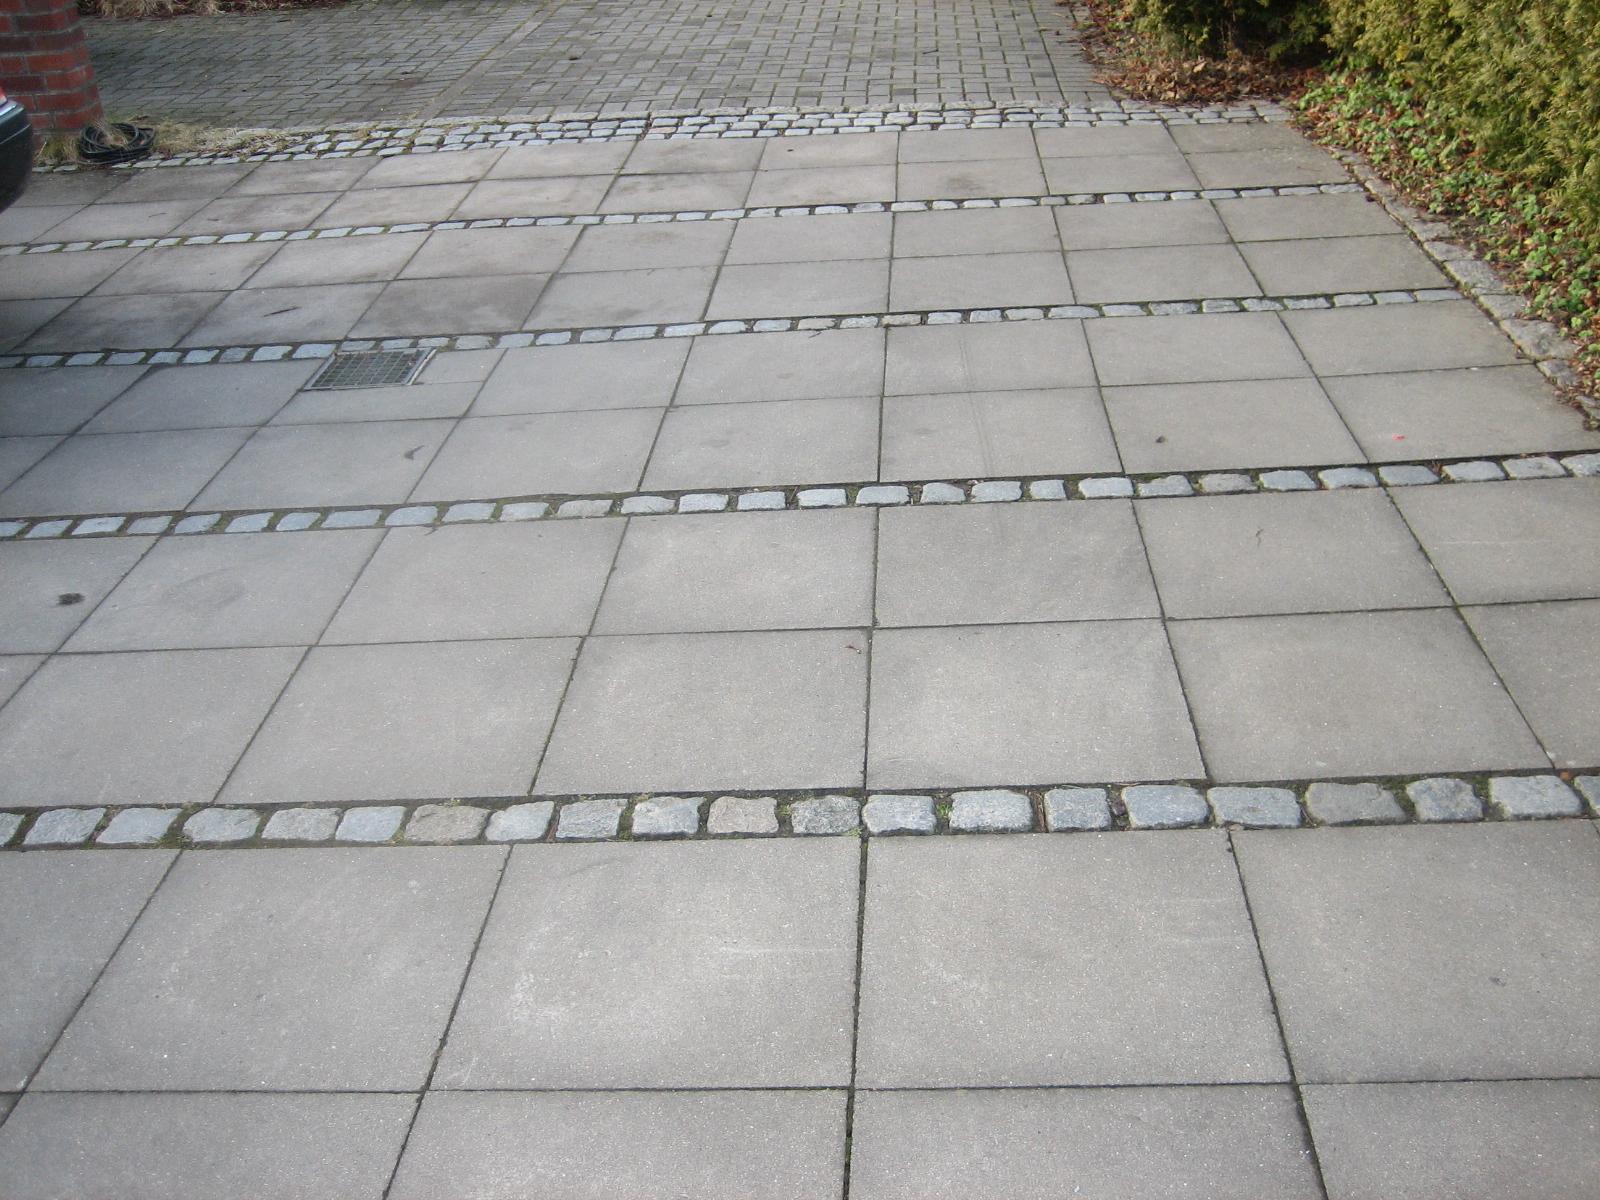 betonplatten grau mit kleinpflaster | righini garten- und landschaftsbau